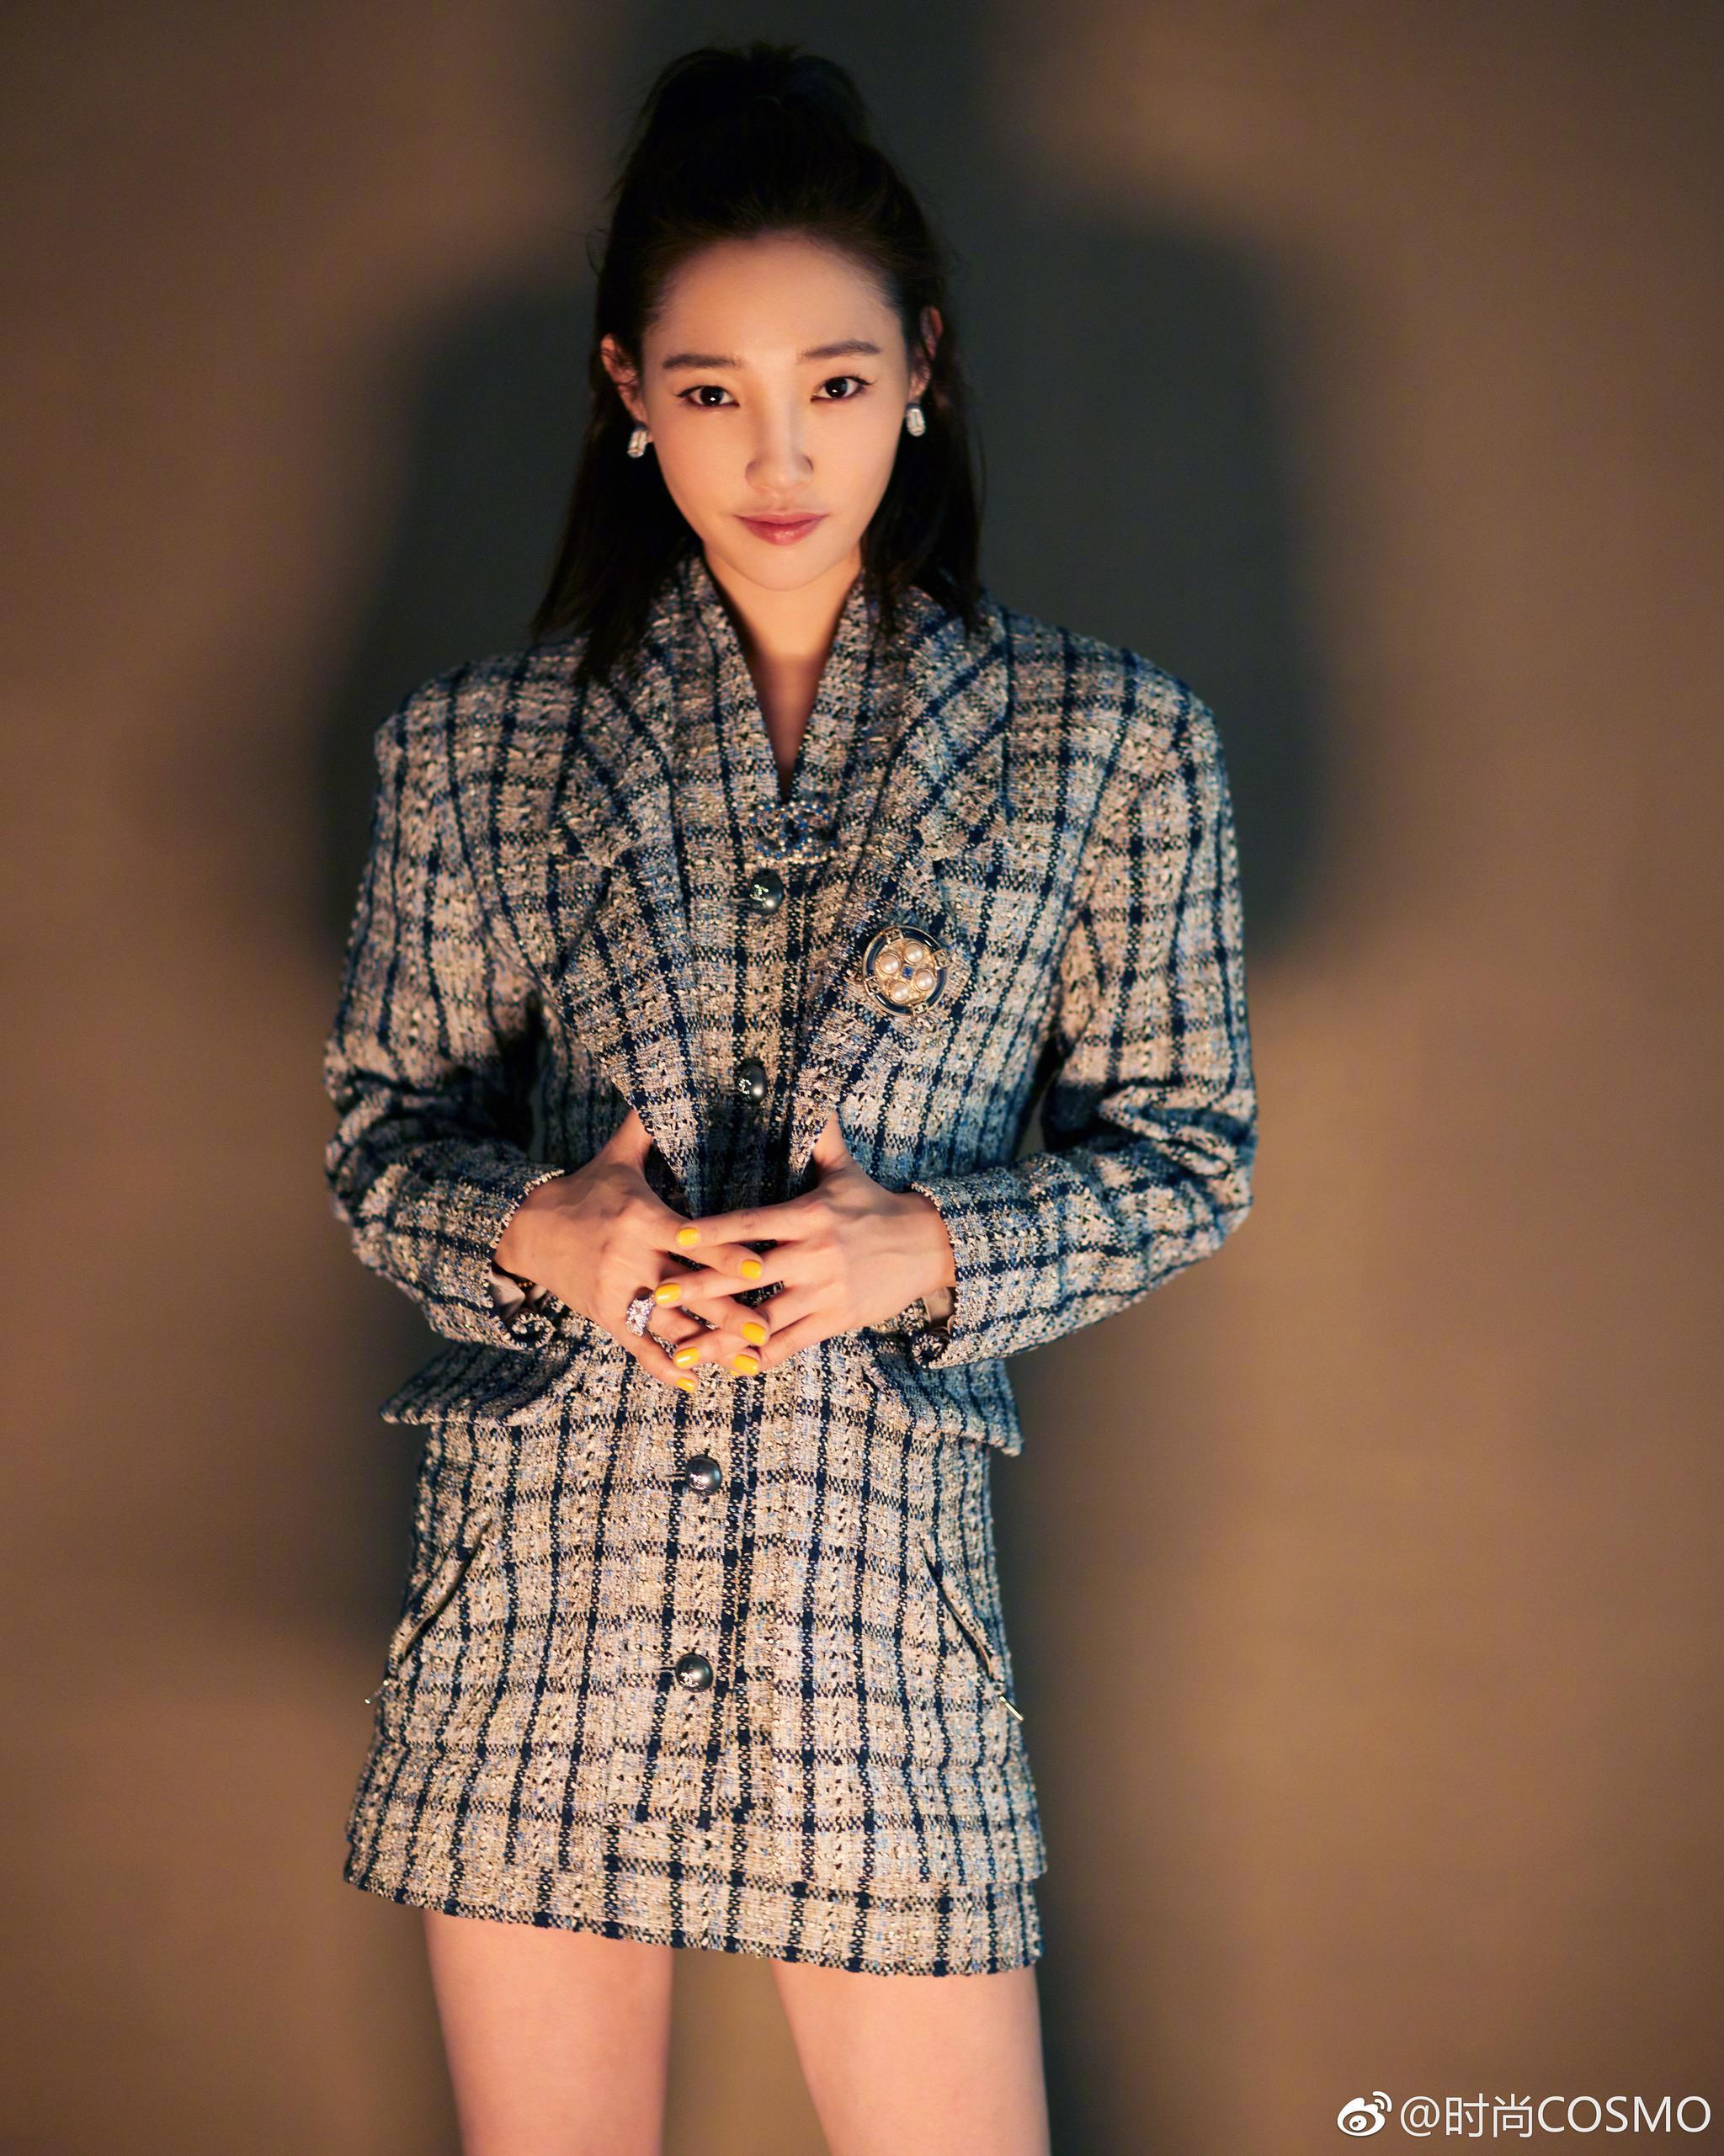 身着chanel 19早春度假系列斜纹软呢经典外套西装式连衣裙